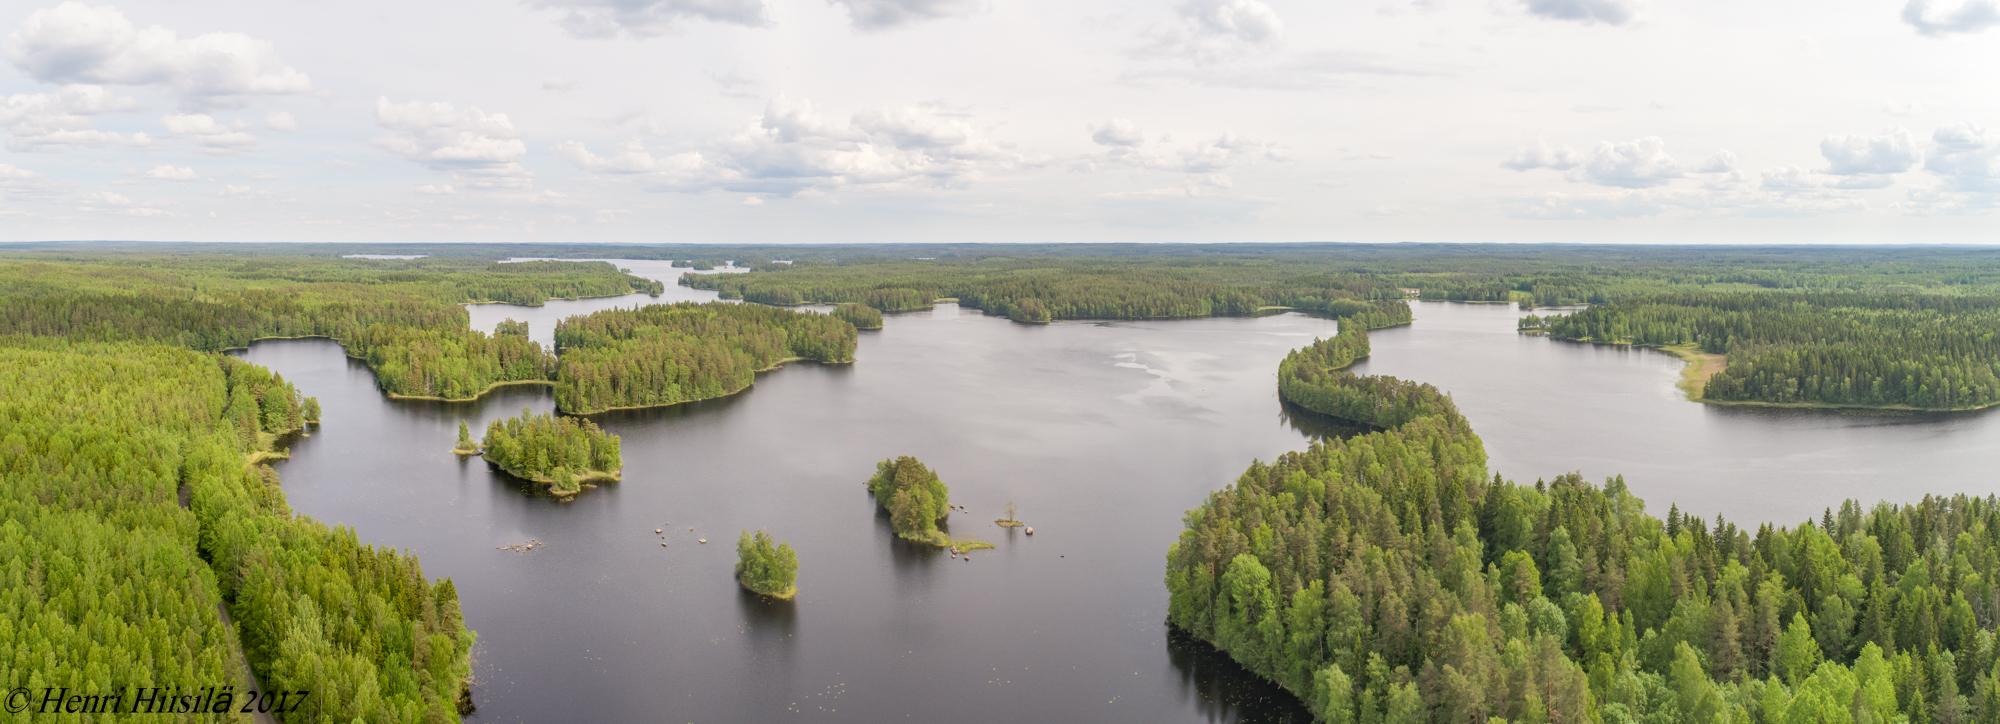 Liesjärven kansallispuisto.jpg